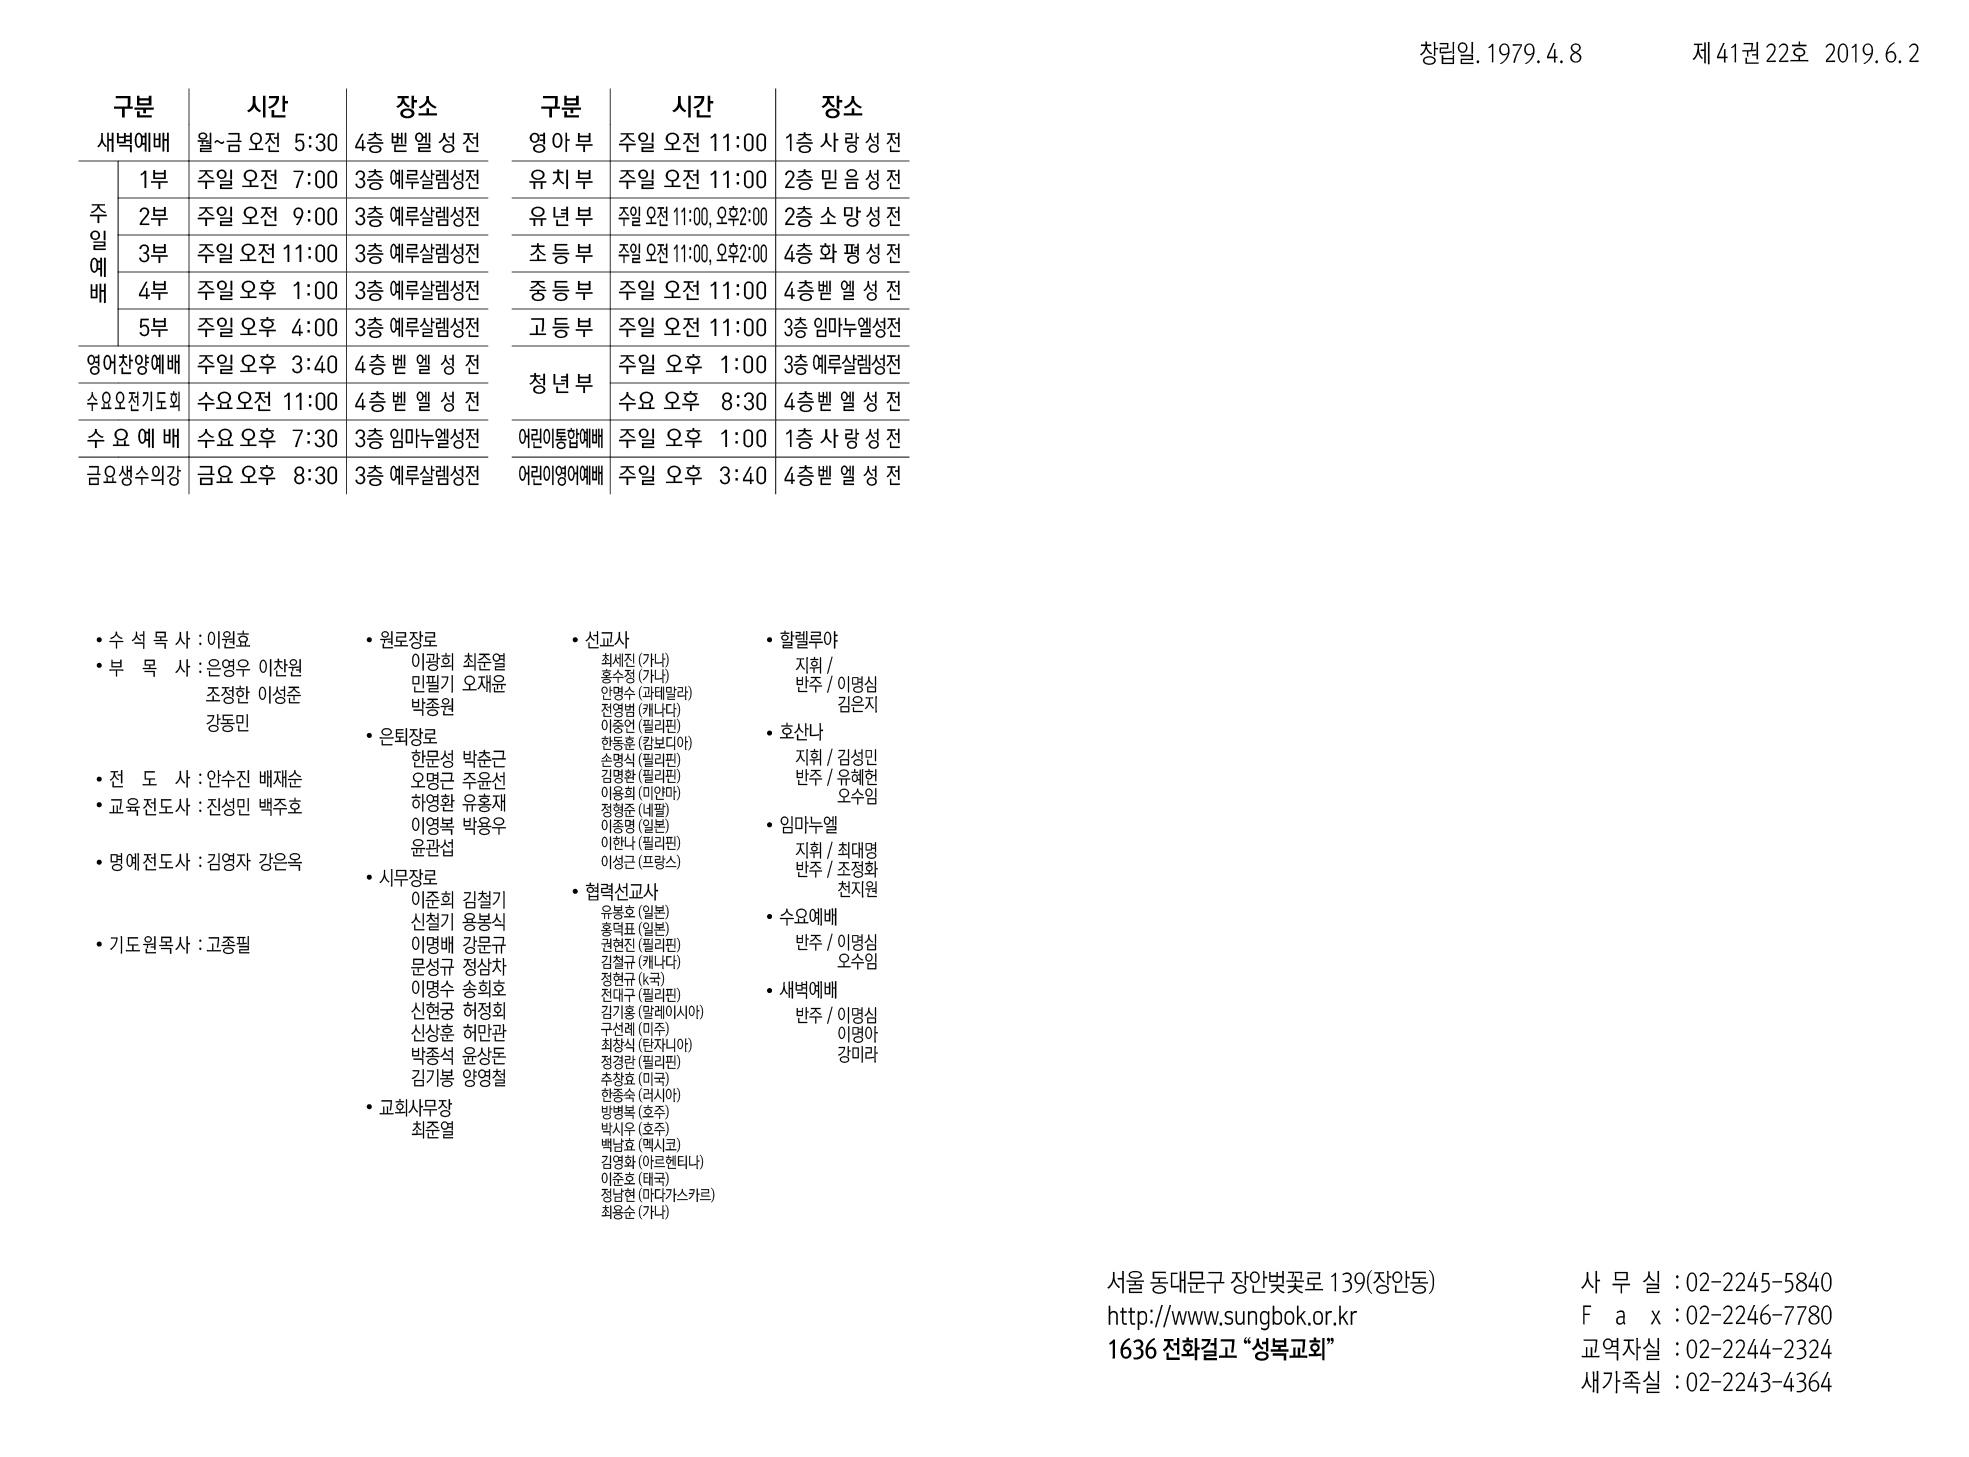 57d0e3ef7b0af72d219732f8ee68c2c1.jpg